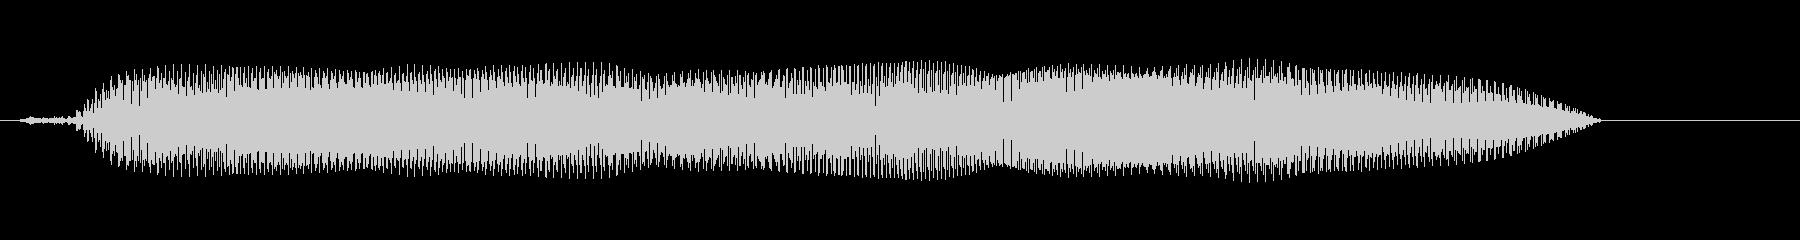 ブオーという大きい船が鳴らす汽笛のSEの未再生の波形